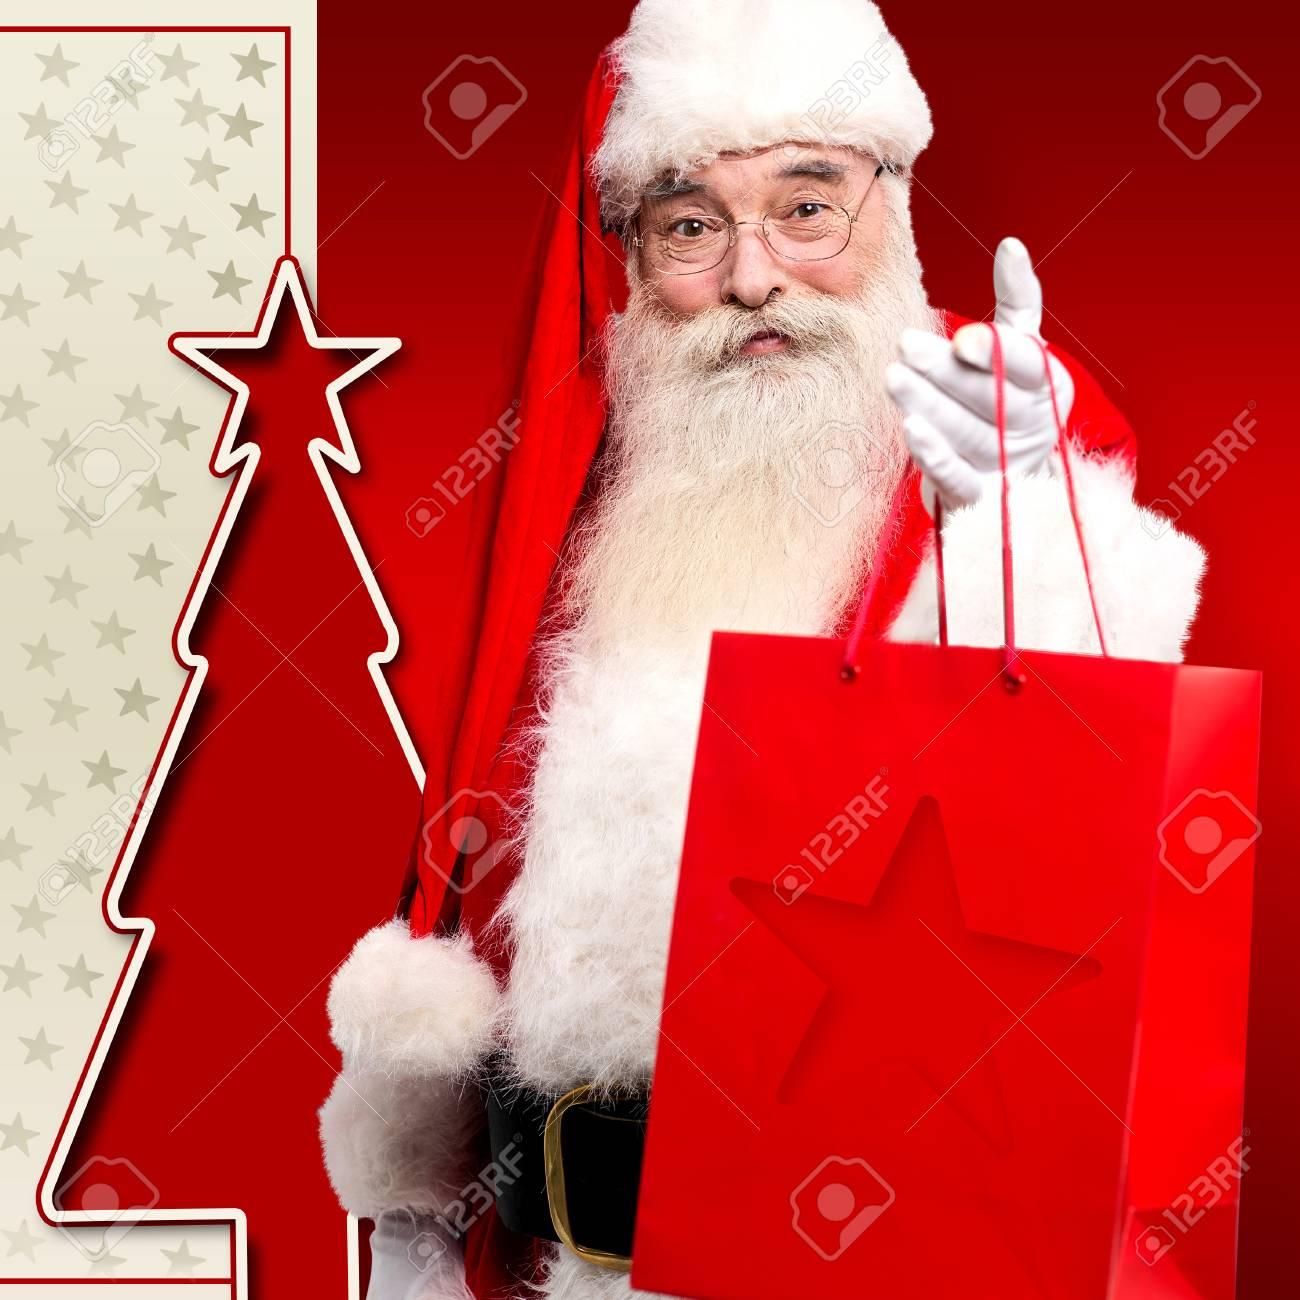 Weihnachten Heiligen Die Geschenke Und Unter Begrüßung Der Vorabend ...